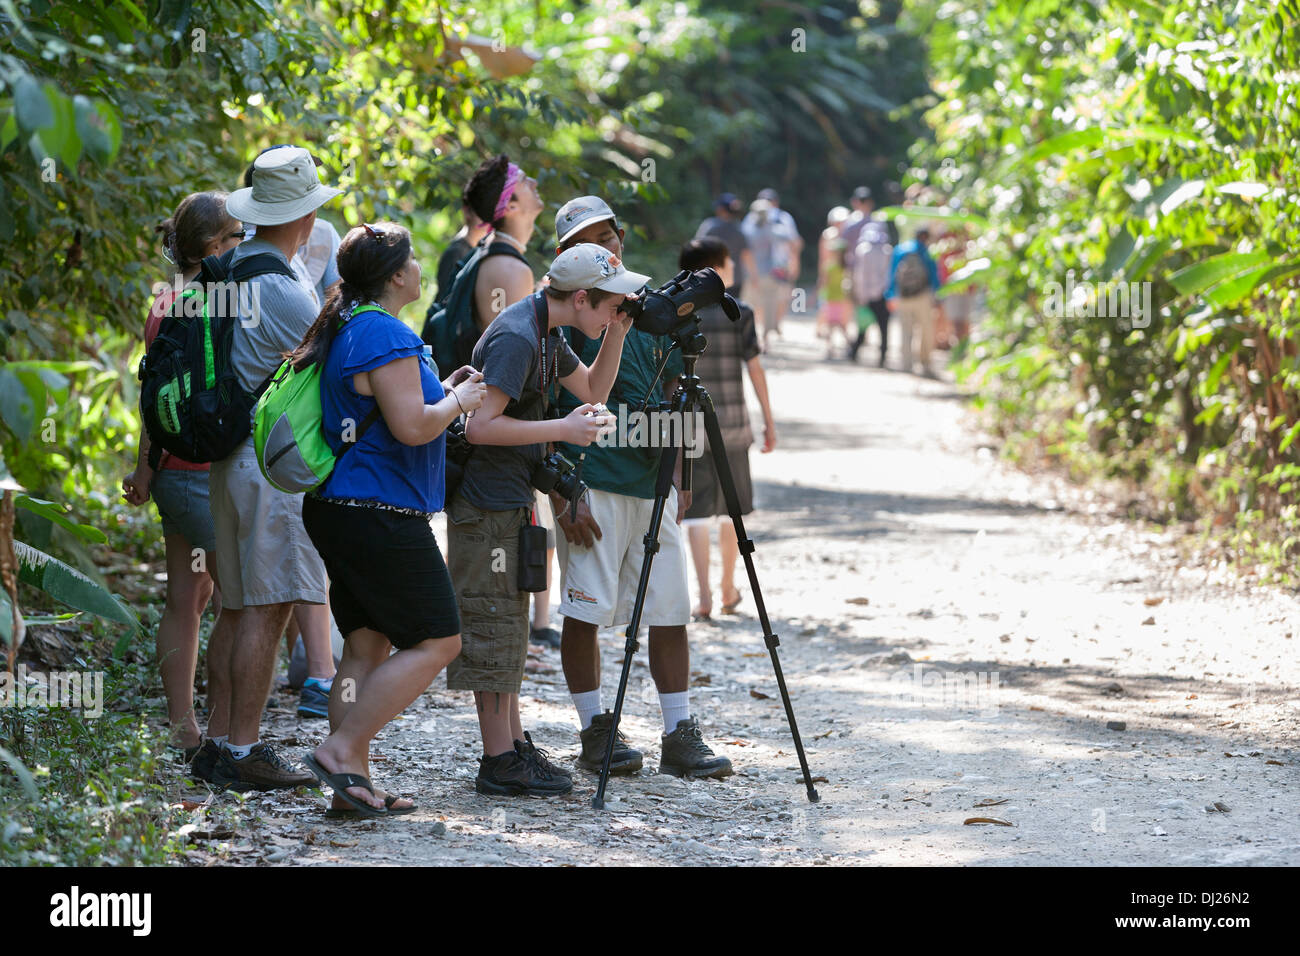 Turisti si riuniscono intorno a una guida per ottenere uno sguardo al wildlife presso il Parco Nazionale di Manuel Antonio in Costa Rica. Immagini Stock